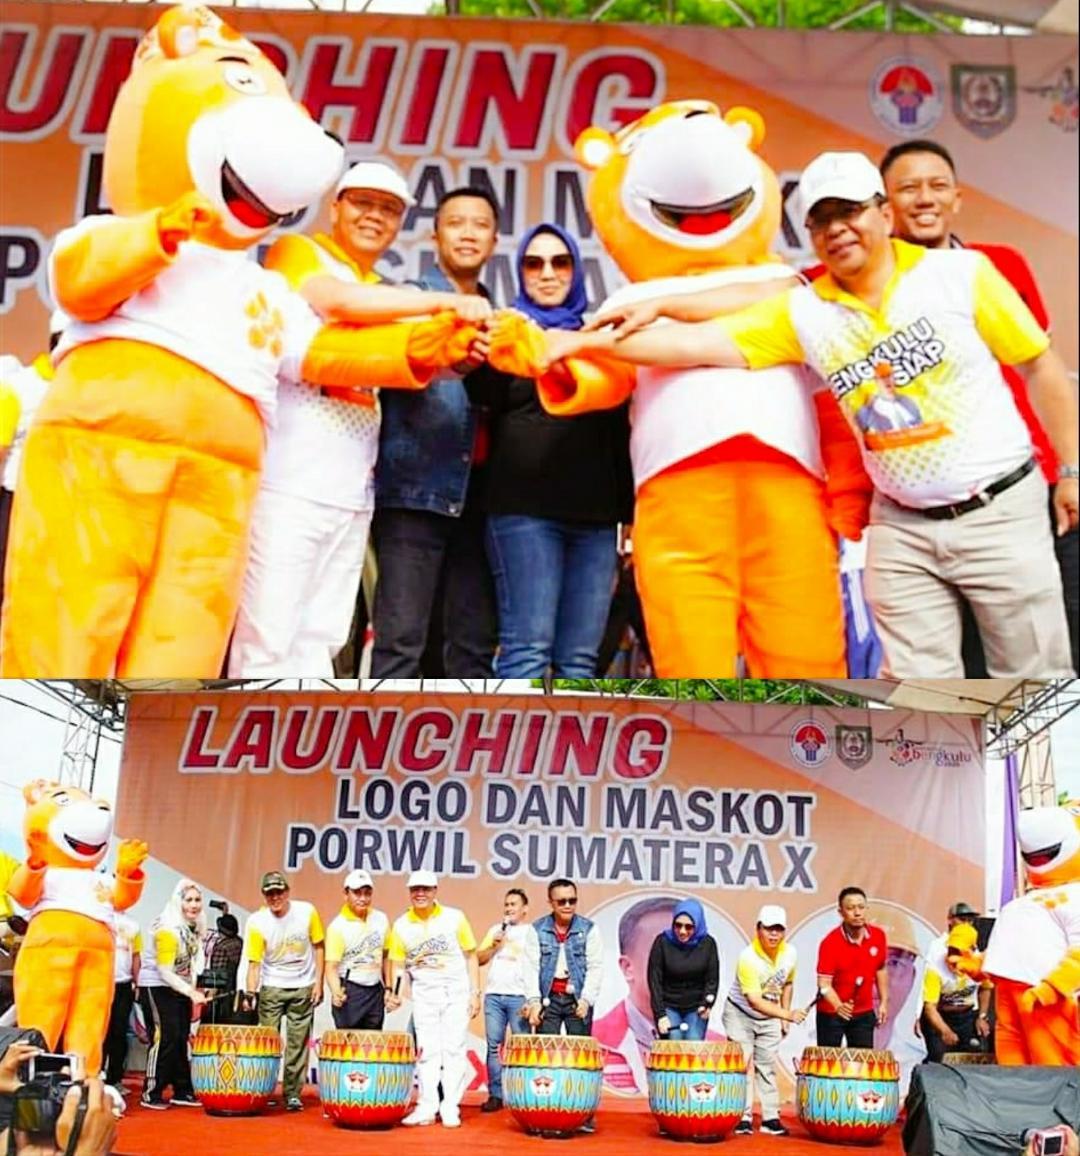 Launching Logo dan Maskot Porwil Bengkulu 2019 Oleh Menpora RI